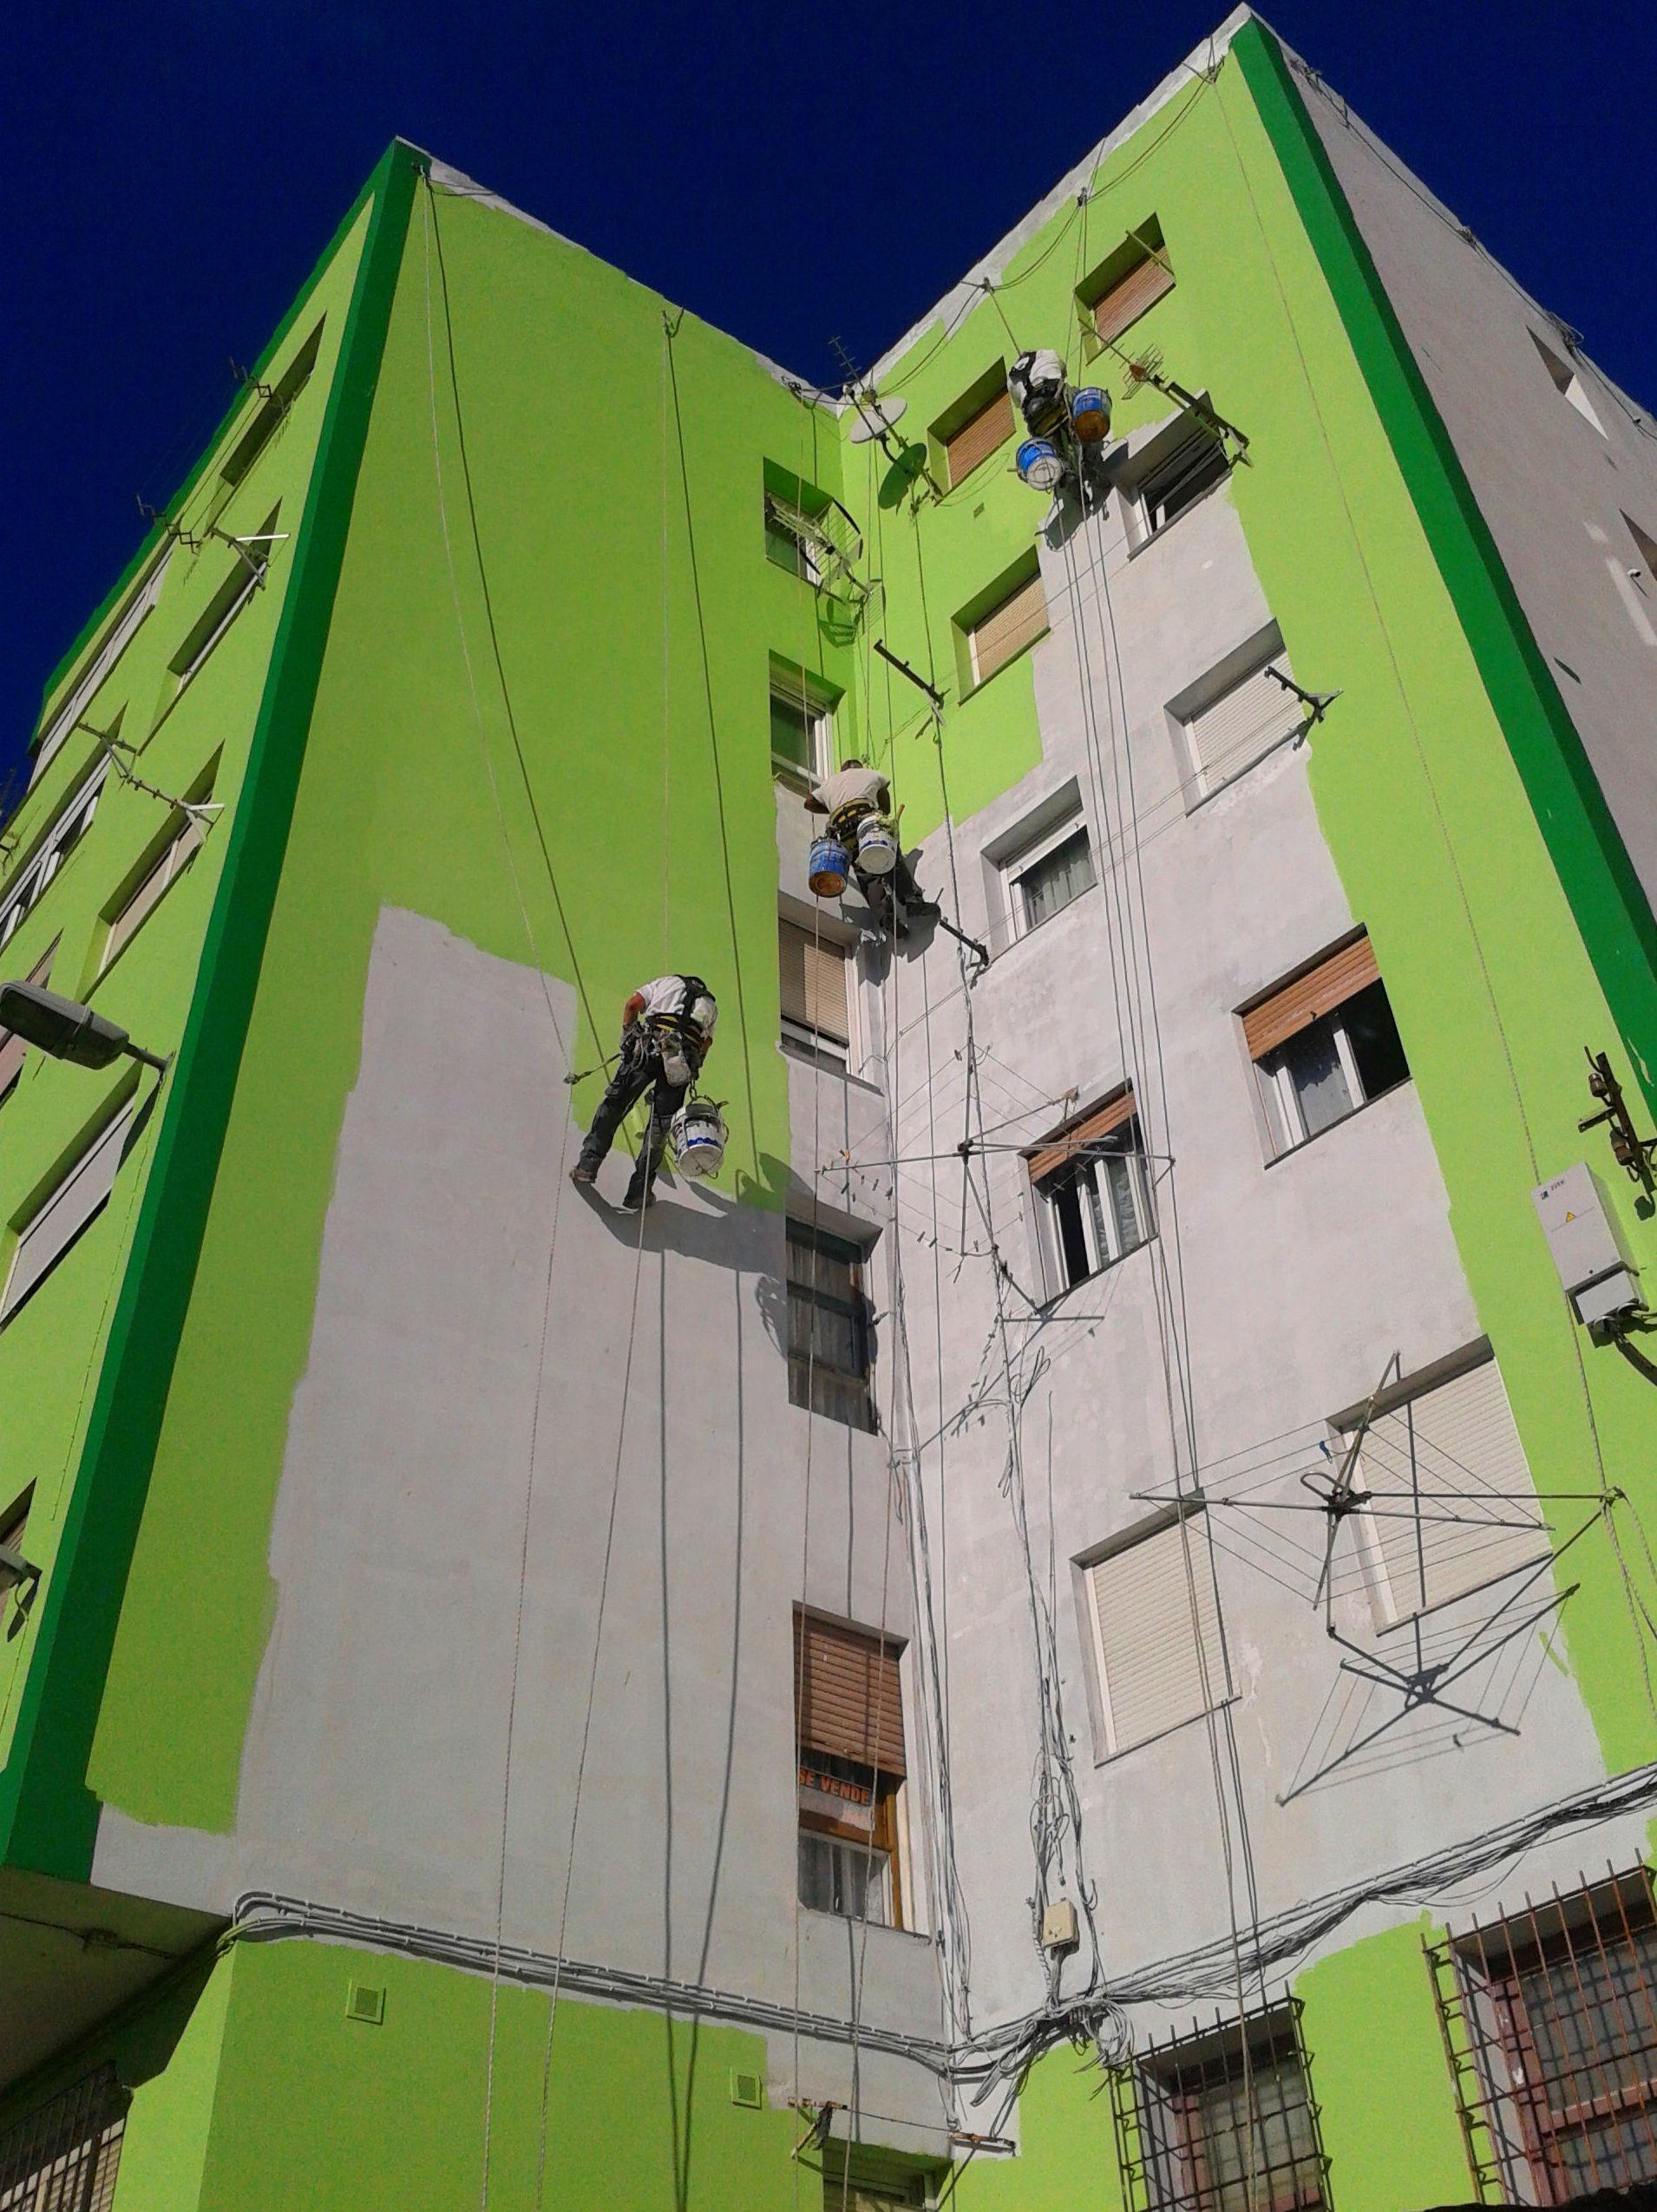 Rehabilitación de fachadas mediante trabajos verticales y trabajos en altura.